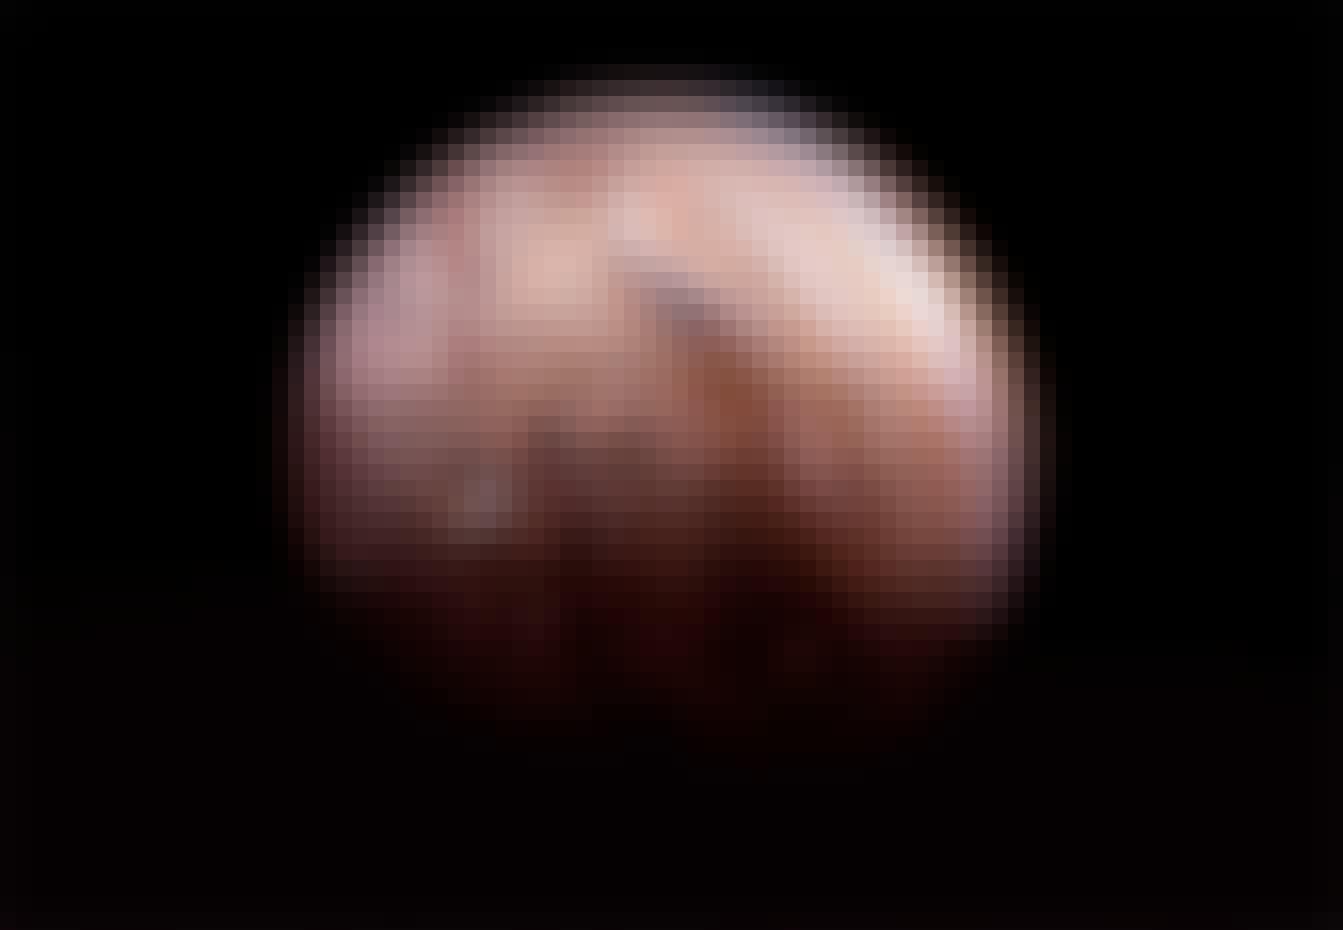 Jupiter is de grootste planeet in het zonnestelsel